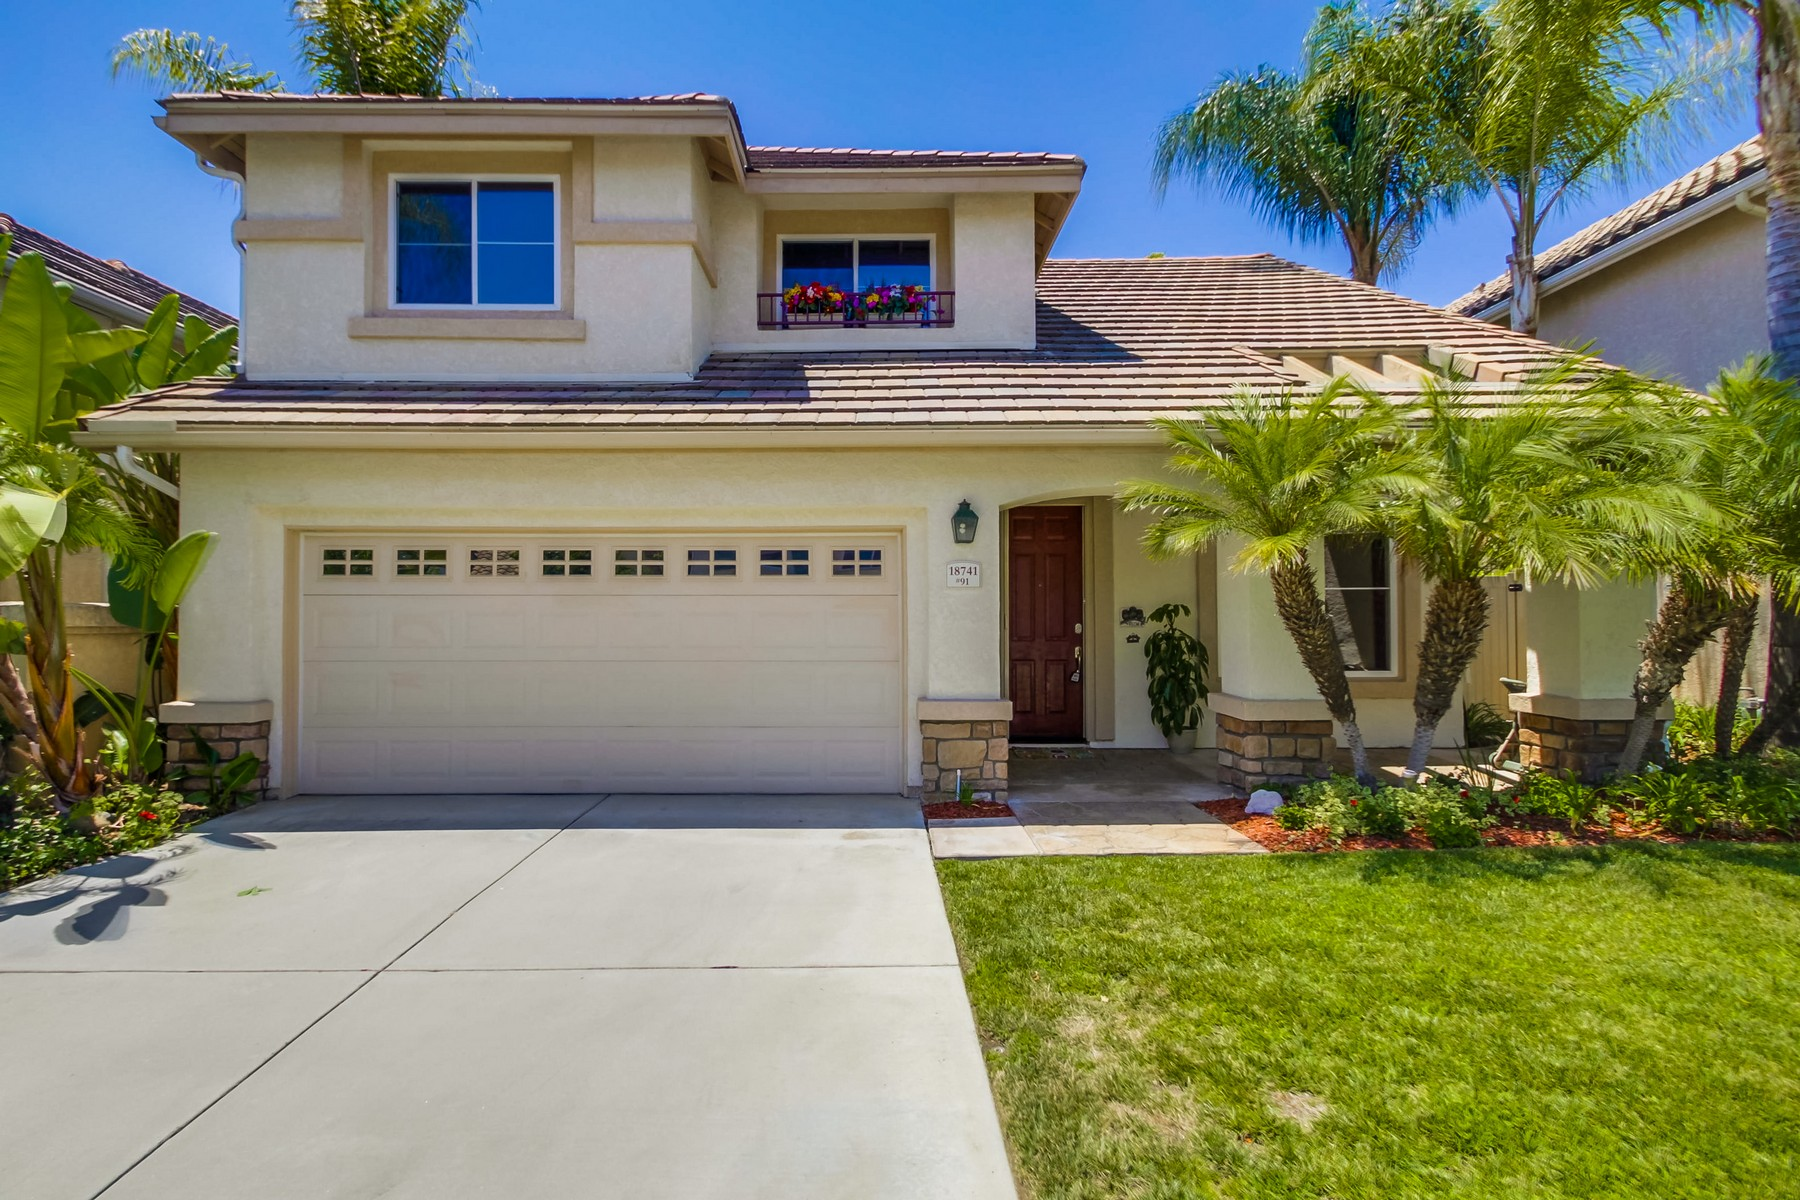 Maison unifamiliale pour l Vente à 18741 Caminito Pasadero 91 San Diego, Californie 92128 États-Unis